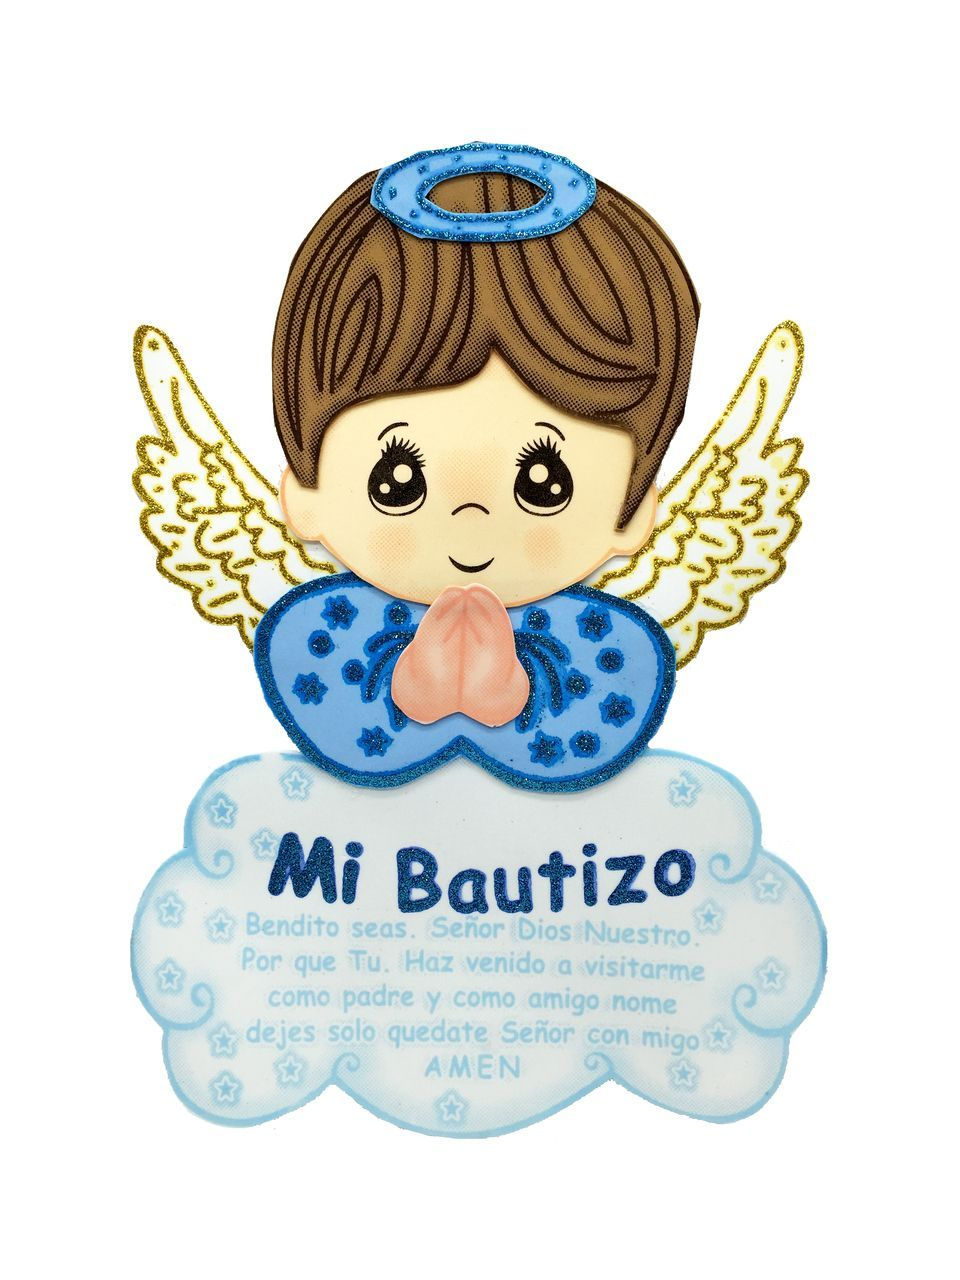 Bautizo clipart png download Mi bautizo clipart 1 » Clipart Portal png download